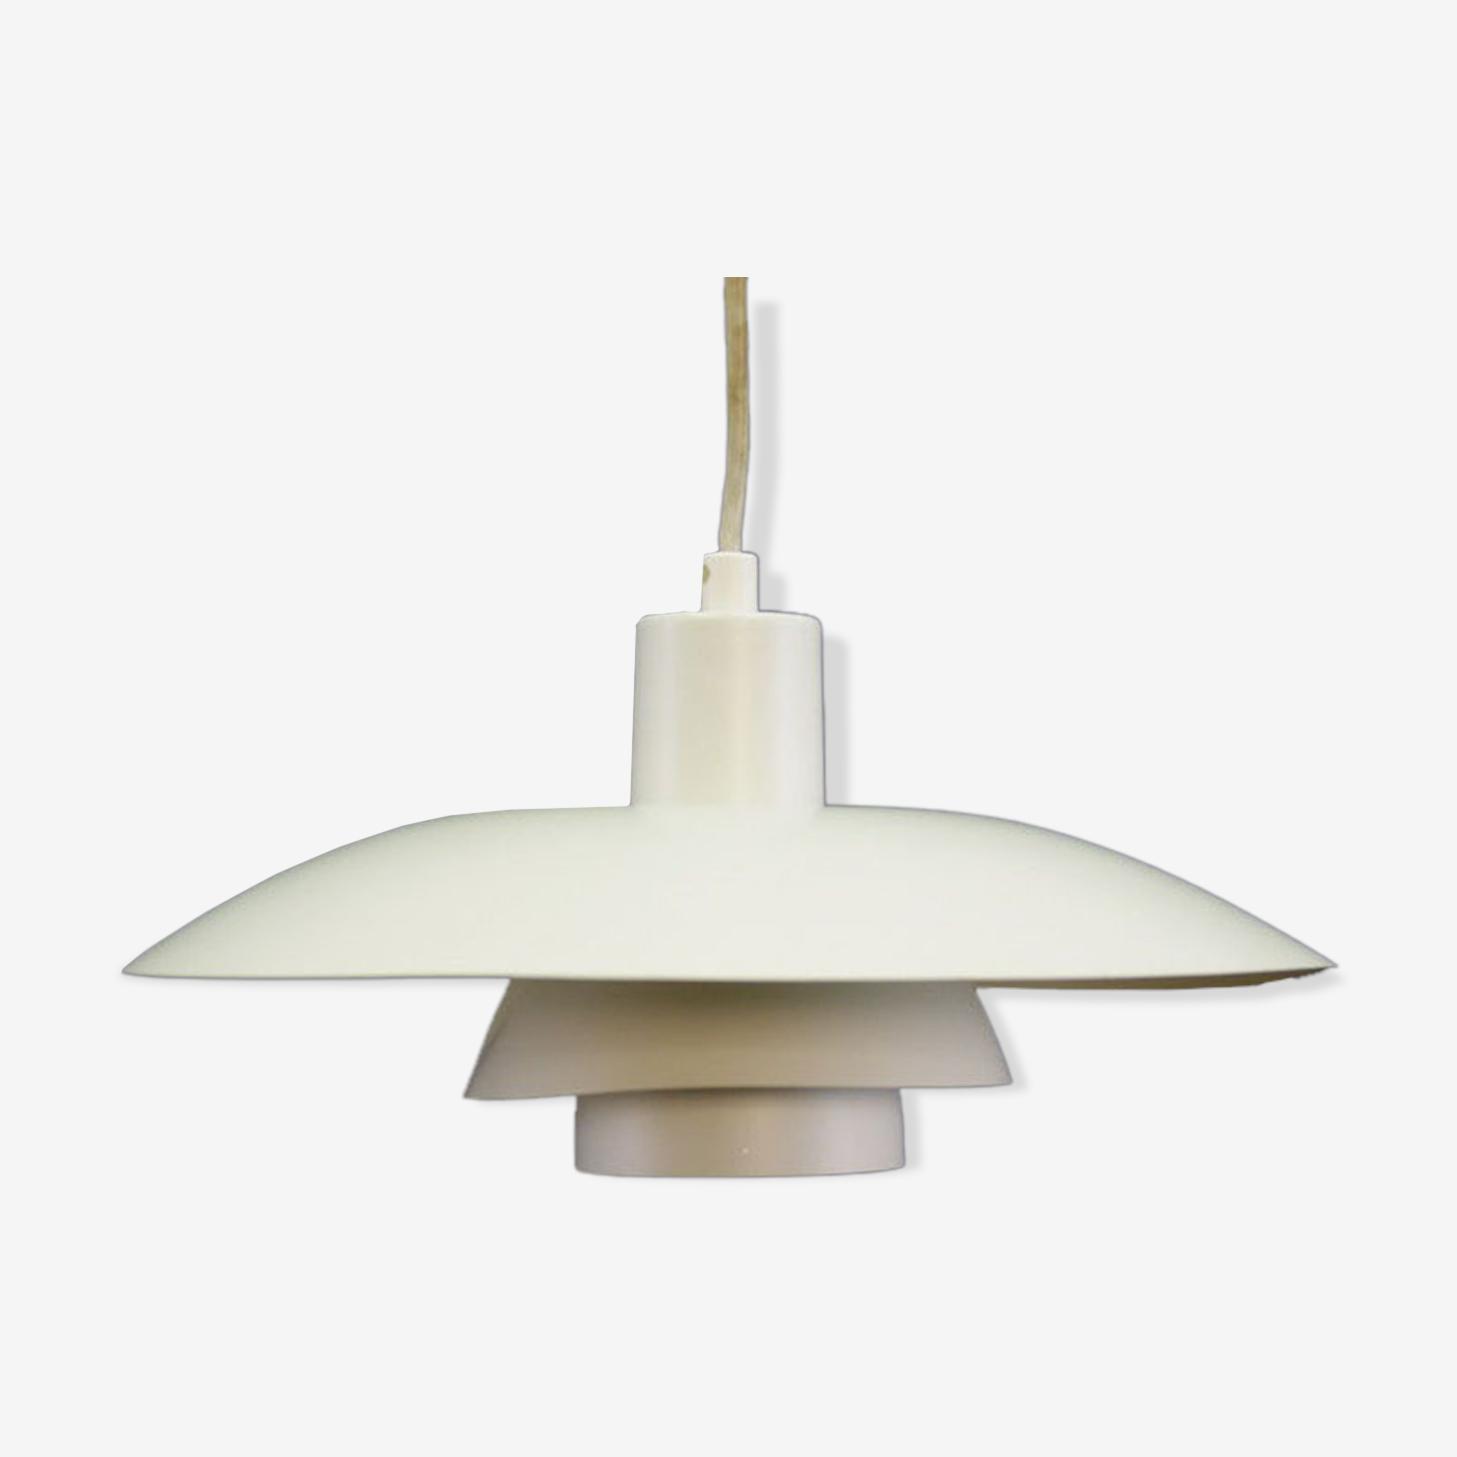 Lampe PH4/3 par Poul Henningsen pour Louis Poulsen 60/70